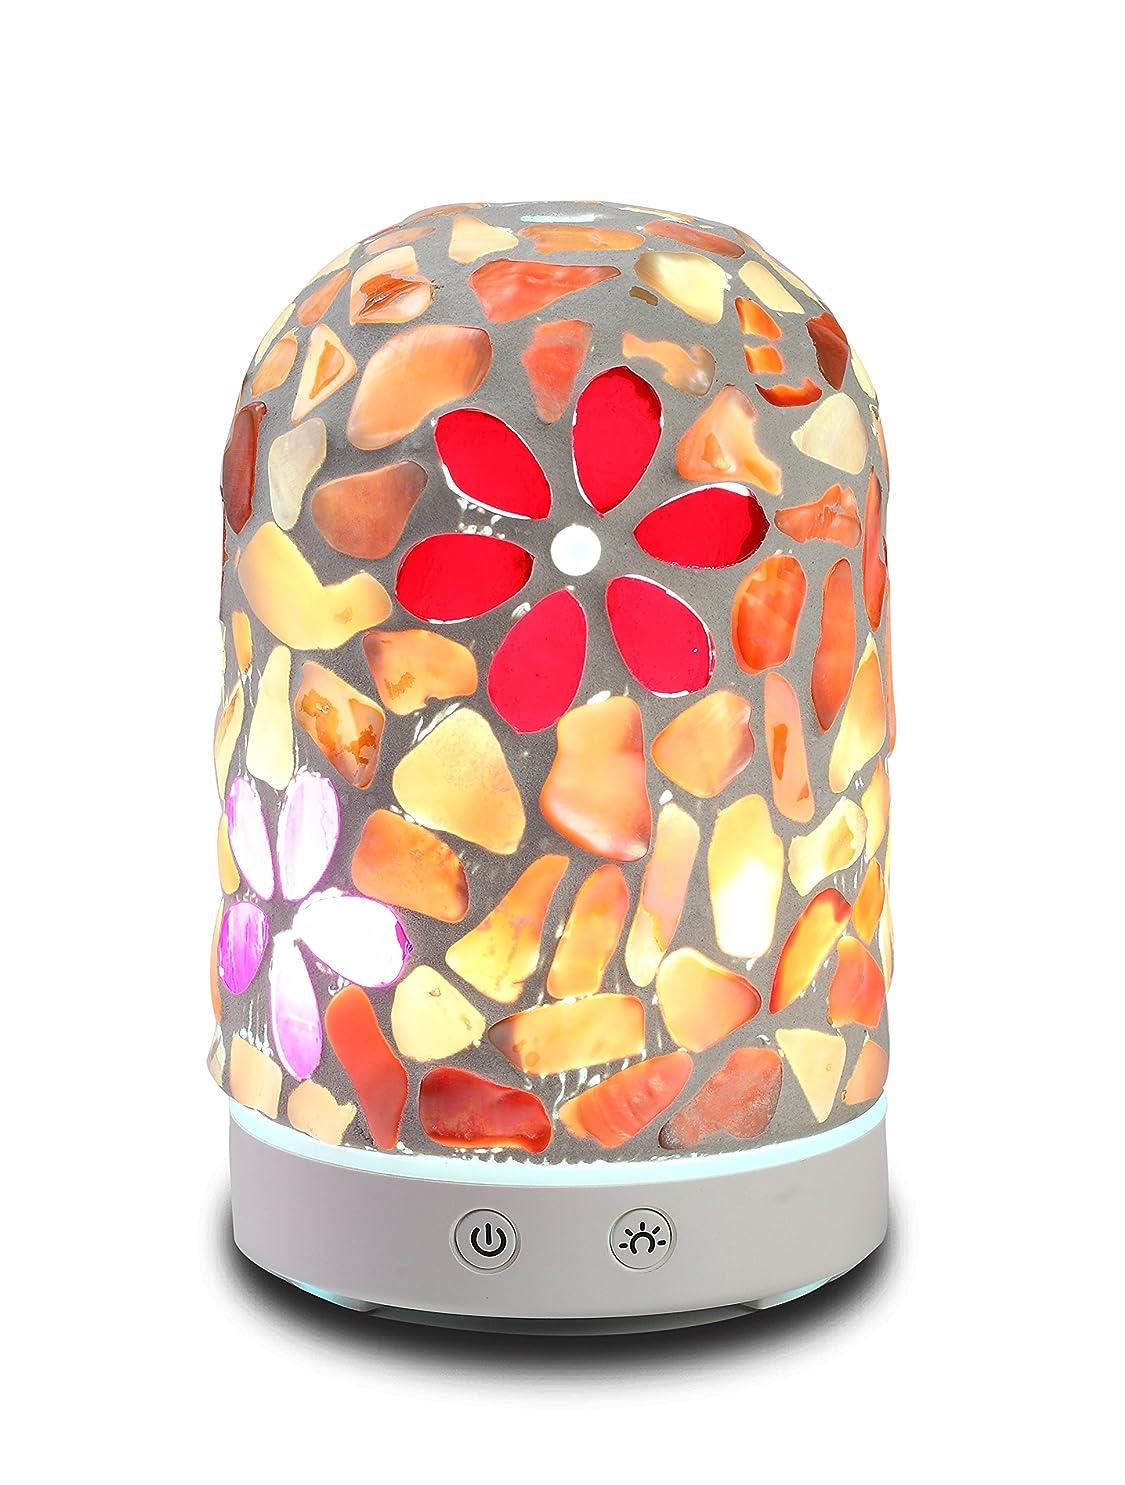 息子かもめ九月AAアロマセラピーアロマエッセンシャルオイルディフューザー加湿器120?ml Dreamカラーガラス14-color LEDライトミュート自動ライトChangingアロマセラピーマシン加湿器 Diameter: 9cm; Height: 15cm;Capacity: 120 ml. AA-D-003